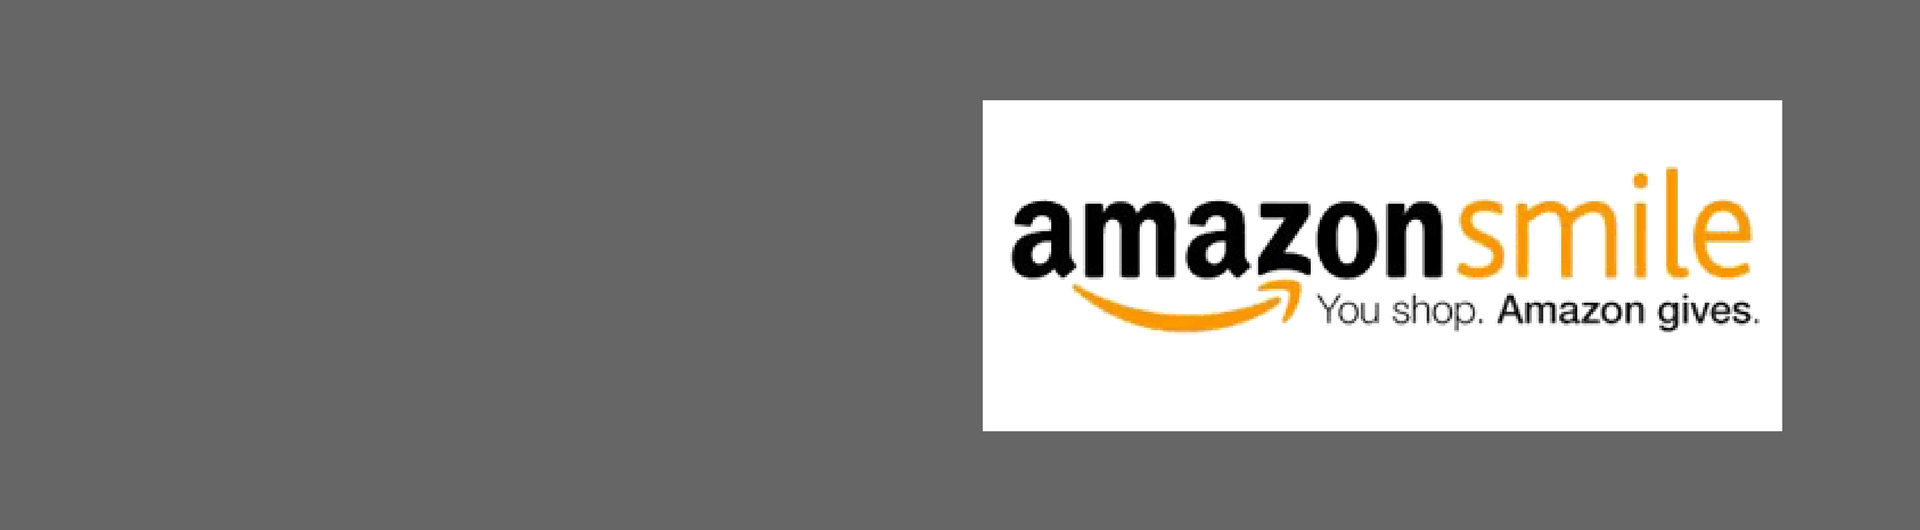 Donate Through Amazon Smile